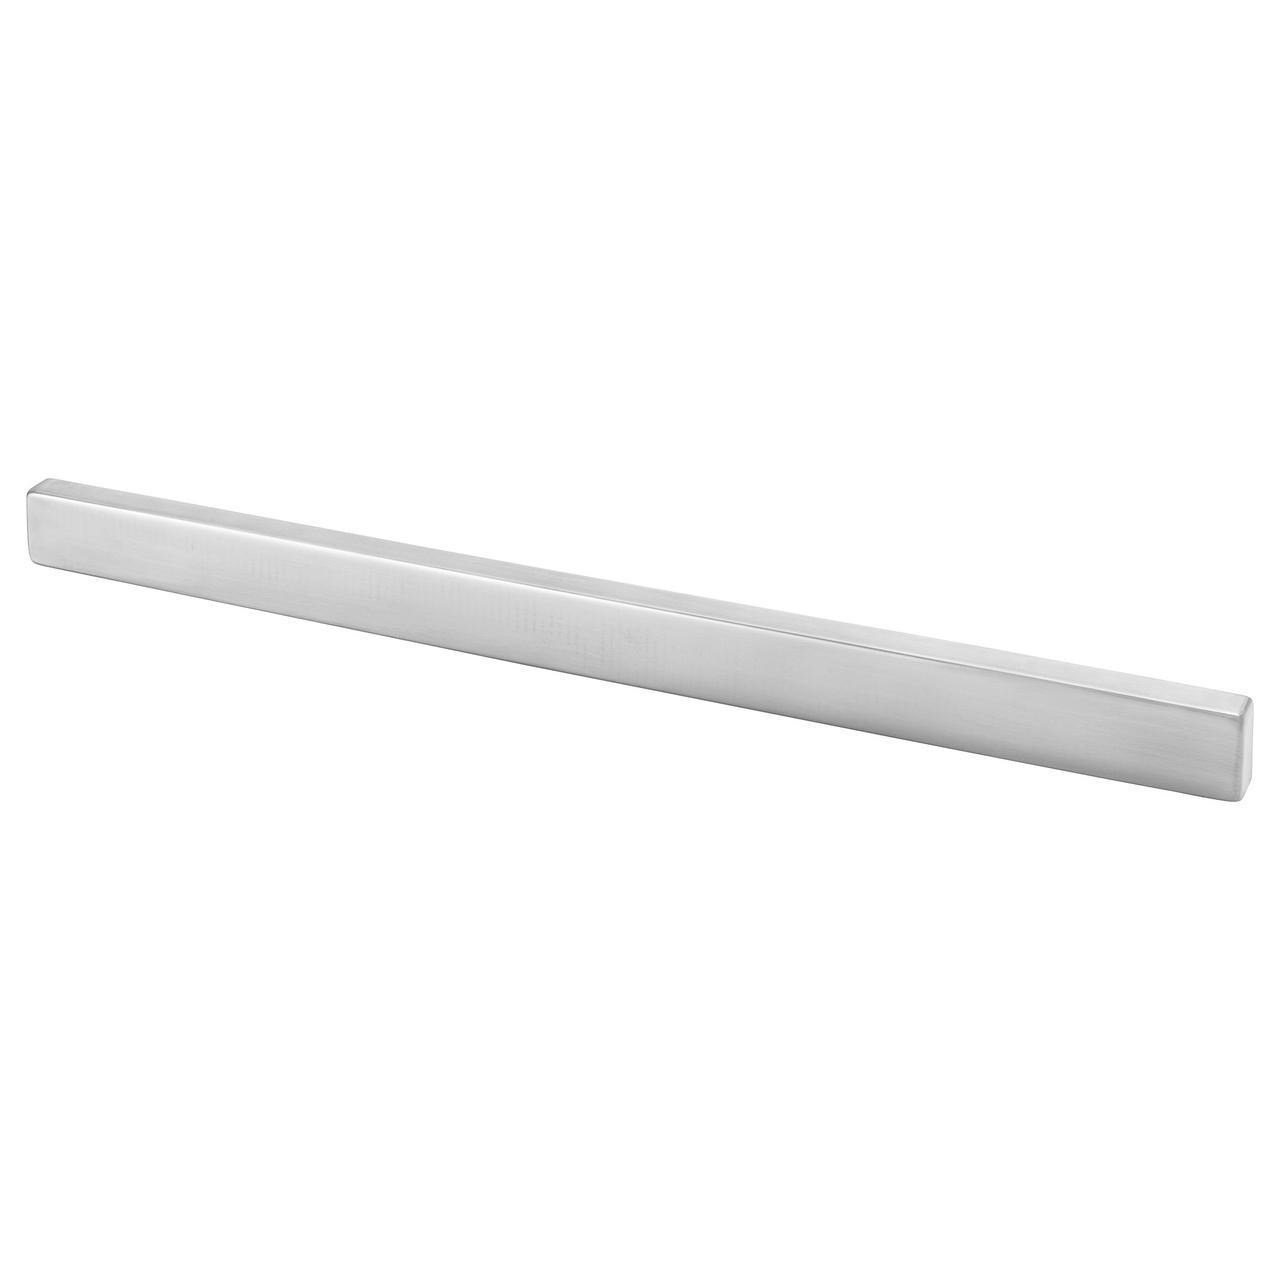 ✅ IKEA KUNGSFORS (403.349.21) Магнитная лента, нержавеющая сталь